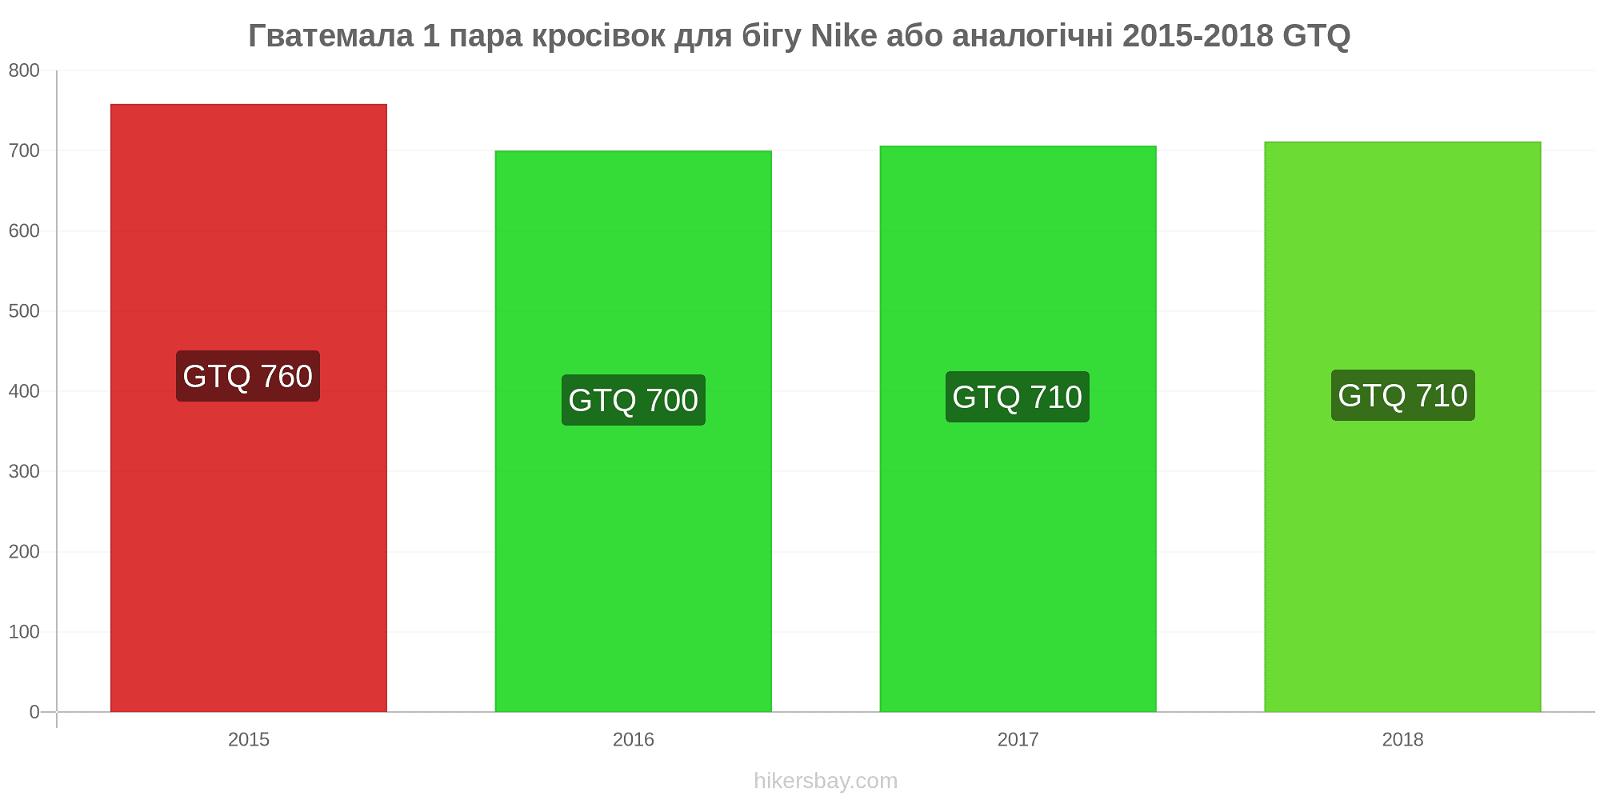 Гватемала зміни цін 1 пара кросівок для бігу Nike або аналогічні hikersbay.com